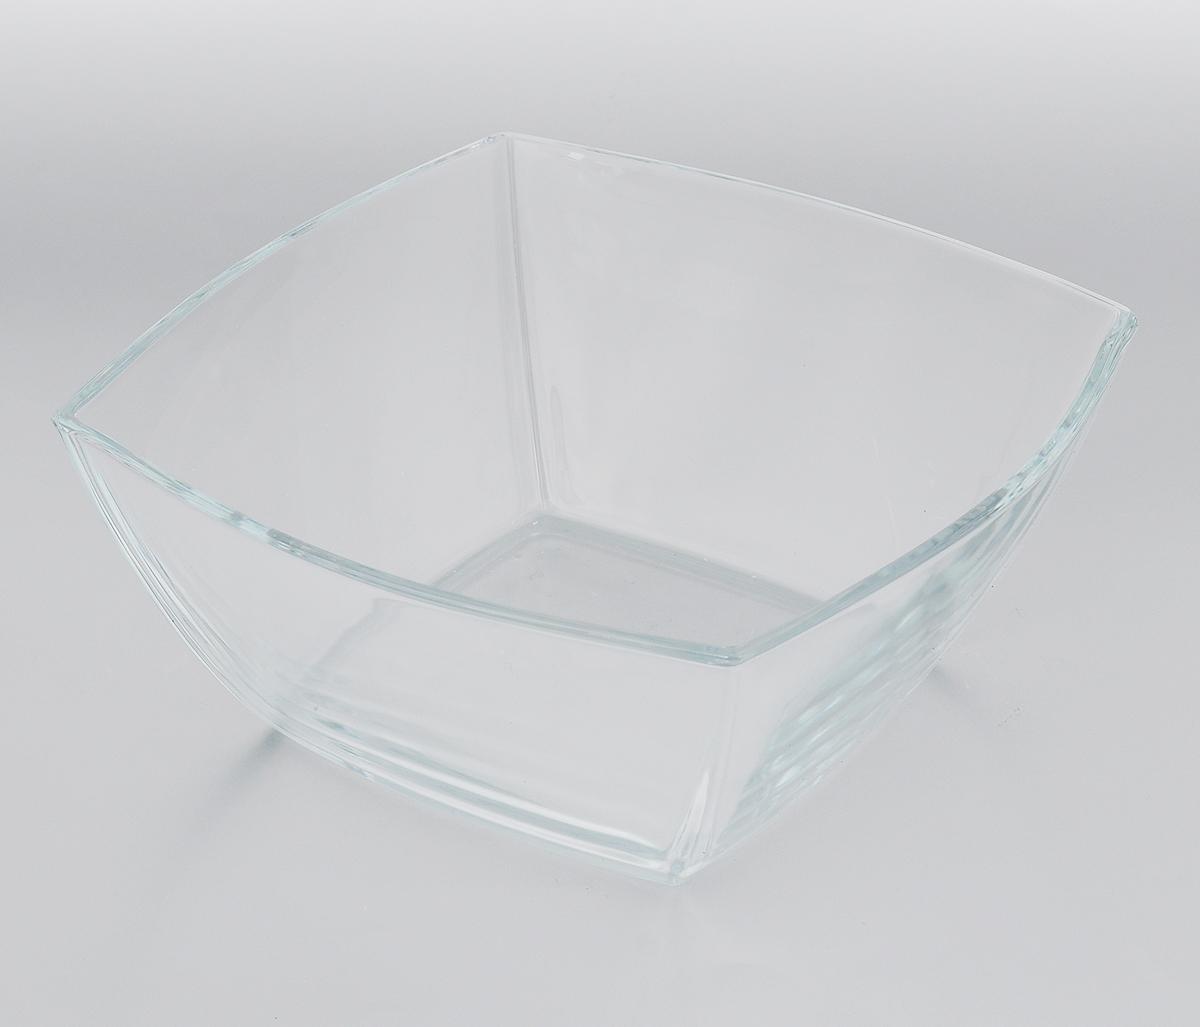 """Салатник Pasabahce """"Tokio"""", выполненный из прочного  натрий-кальций-силикатного стекла, предназначен для  красивой сервировки различных блюд. Салатник  сочетает в себе лаконичный дизайн с максимальной  функциональностью.  Оригинальность оформления придется по вкусу и ценителям  классики, и тем, кто предпочитает  утонченность и изящность. Можно мыть в посудомоечной машине, также использовать в  холодильнике, морозильной камере и микроволновой печи до + 70°C.  Размер салатника по верхнему краю: 24 х 24 см."""